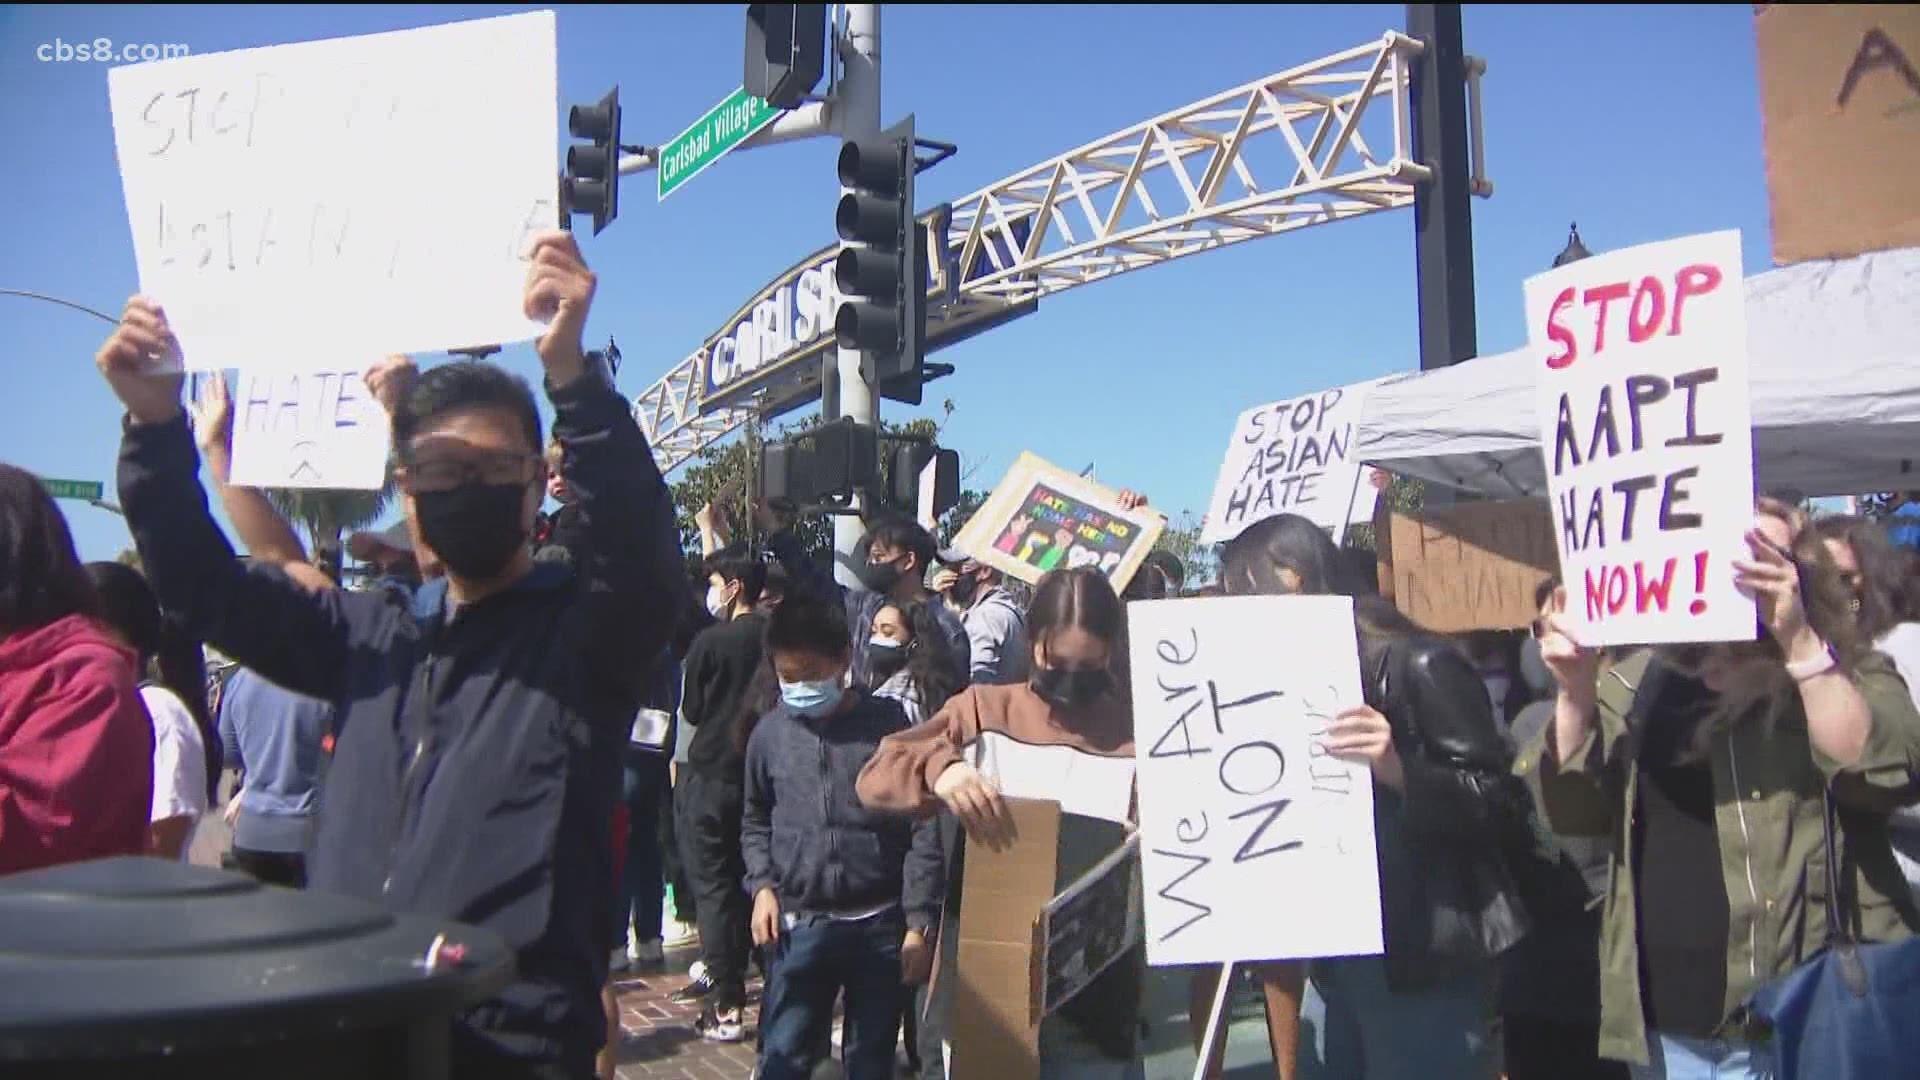 聖地牙哥市官員宣示嚴打反亞裔仇恨犯罪,呼籲亞裔勇於舉報。CBS8